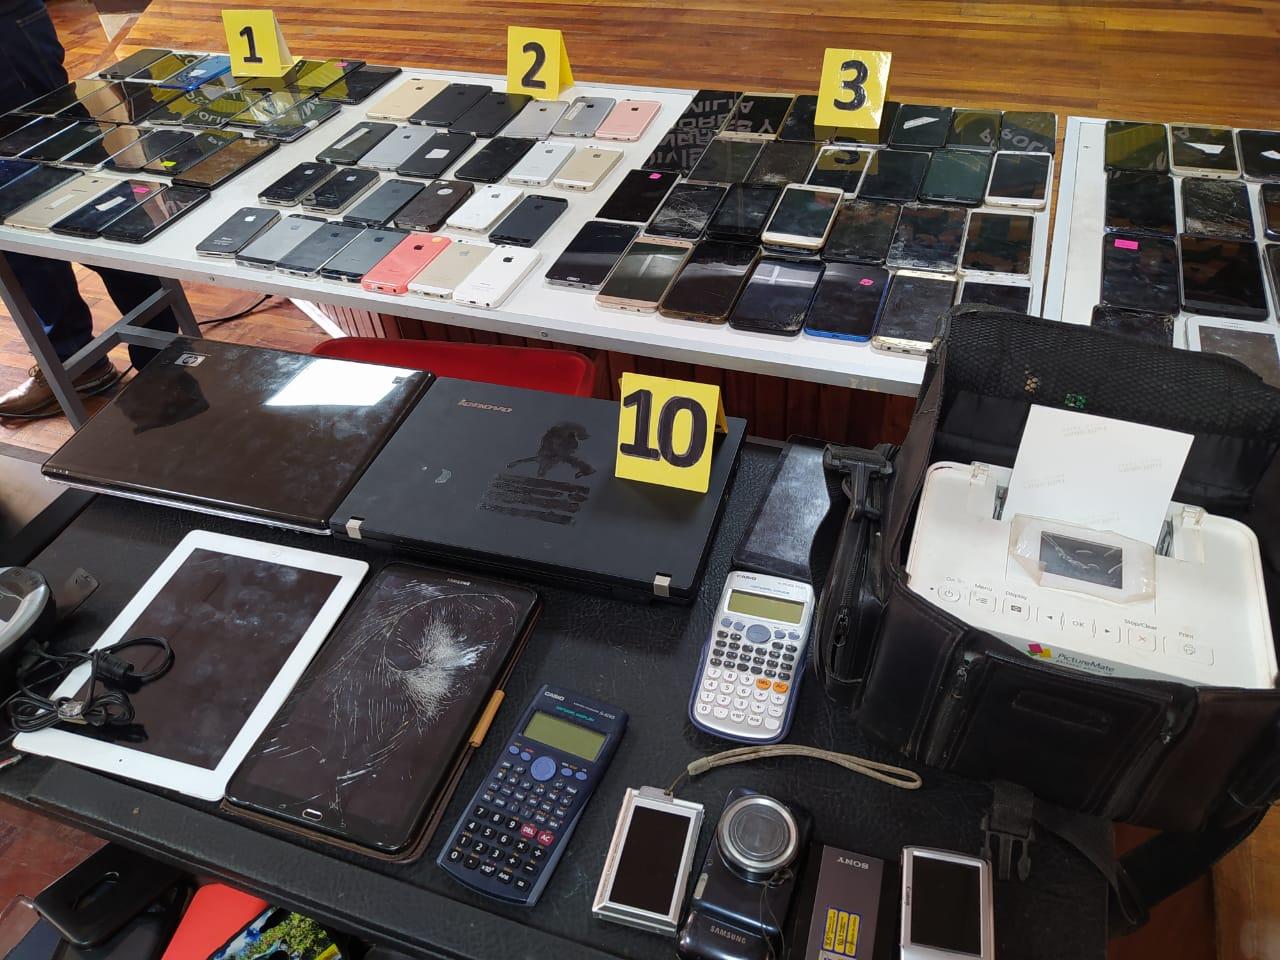 Decenas de celulares robados a sus dueños eran comprados y revendidos por el antisocial / ÁNGEL SALAZAR